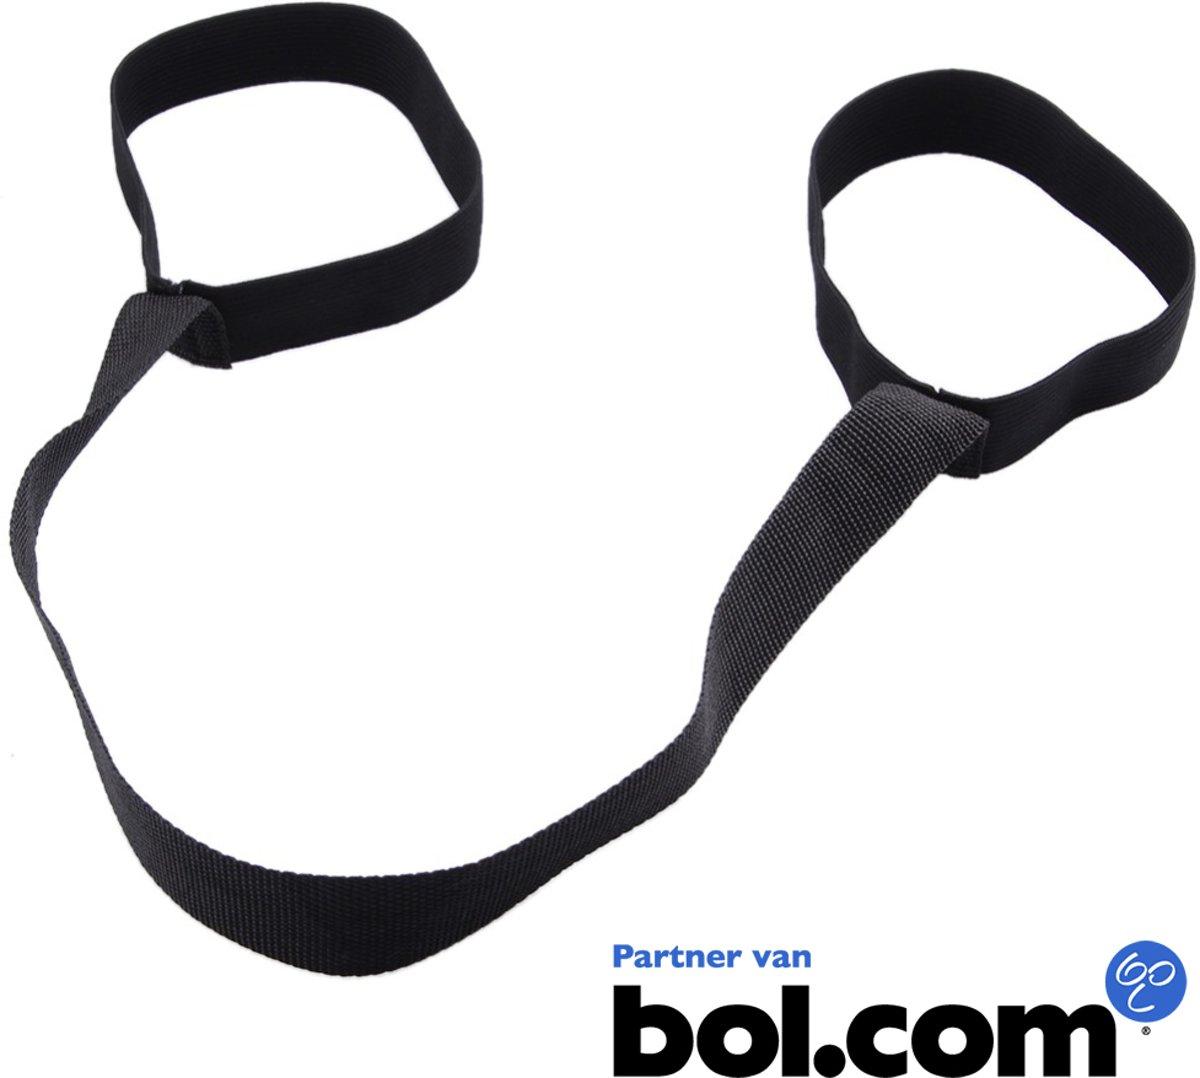 Draagriem PRO voor Fitnessmat - Draagband voor Yoga Mat - 100% Katoen (geleverd zonder Yoga Mat) - Zwart kopen